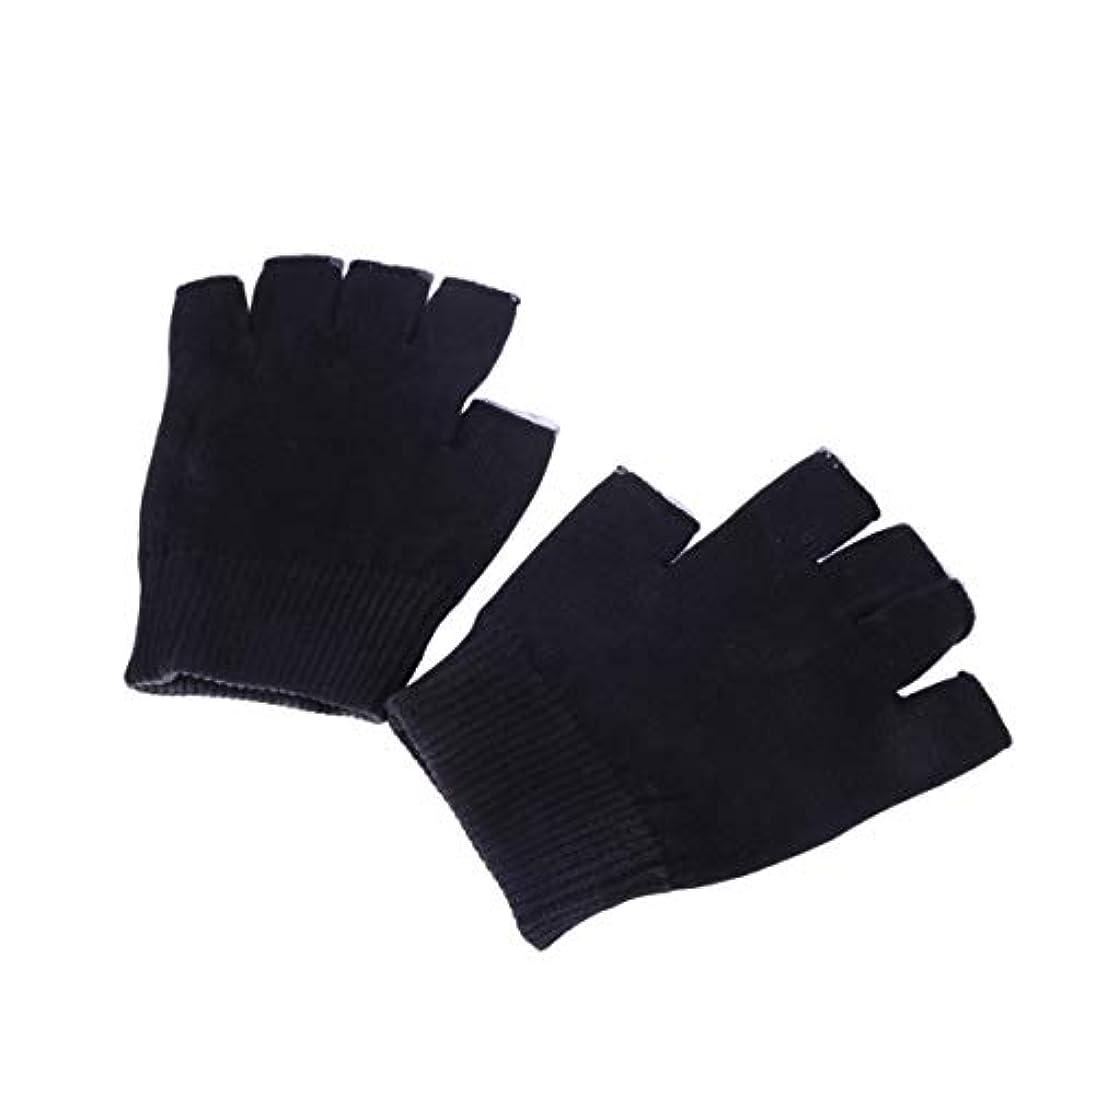 無声で樫の木プリーツSUPVOX ハンドケア 手袋 指なし ゲル 保湿 美容成分配合 手荒れ 対策 おやすみ スキンケア グローブ うるおい 保護